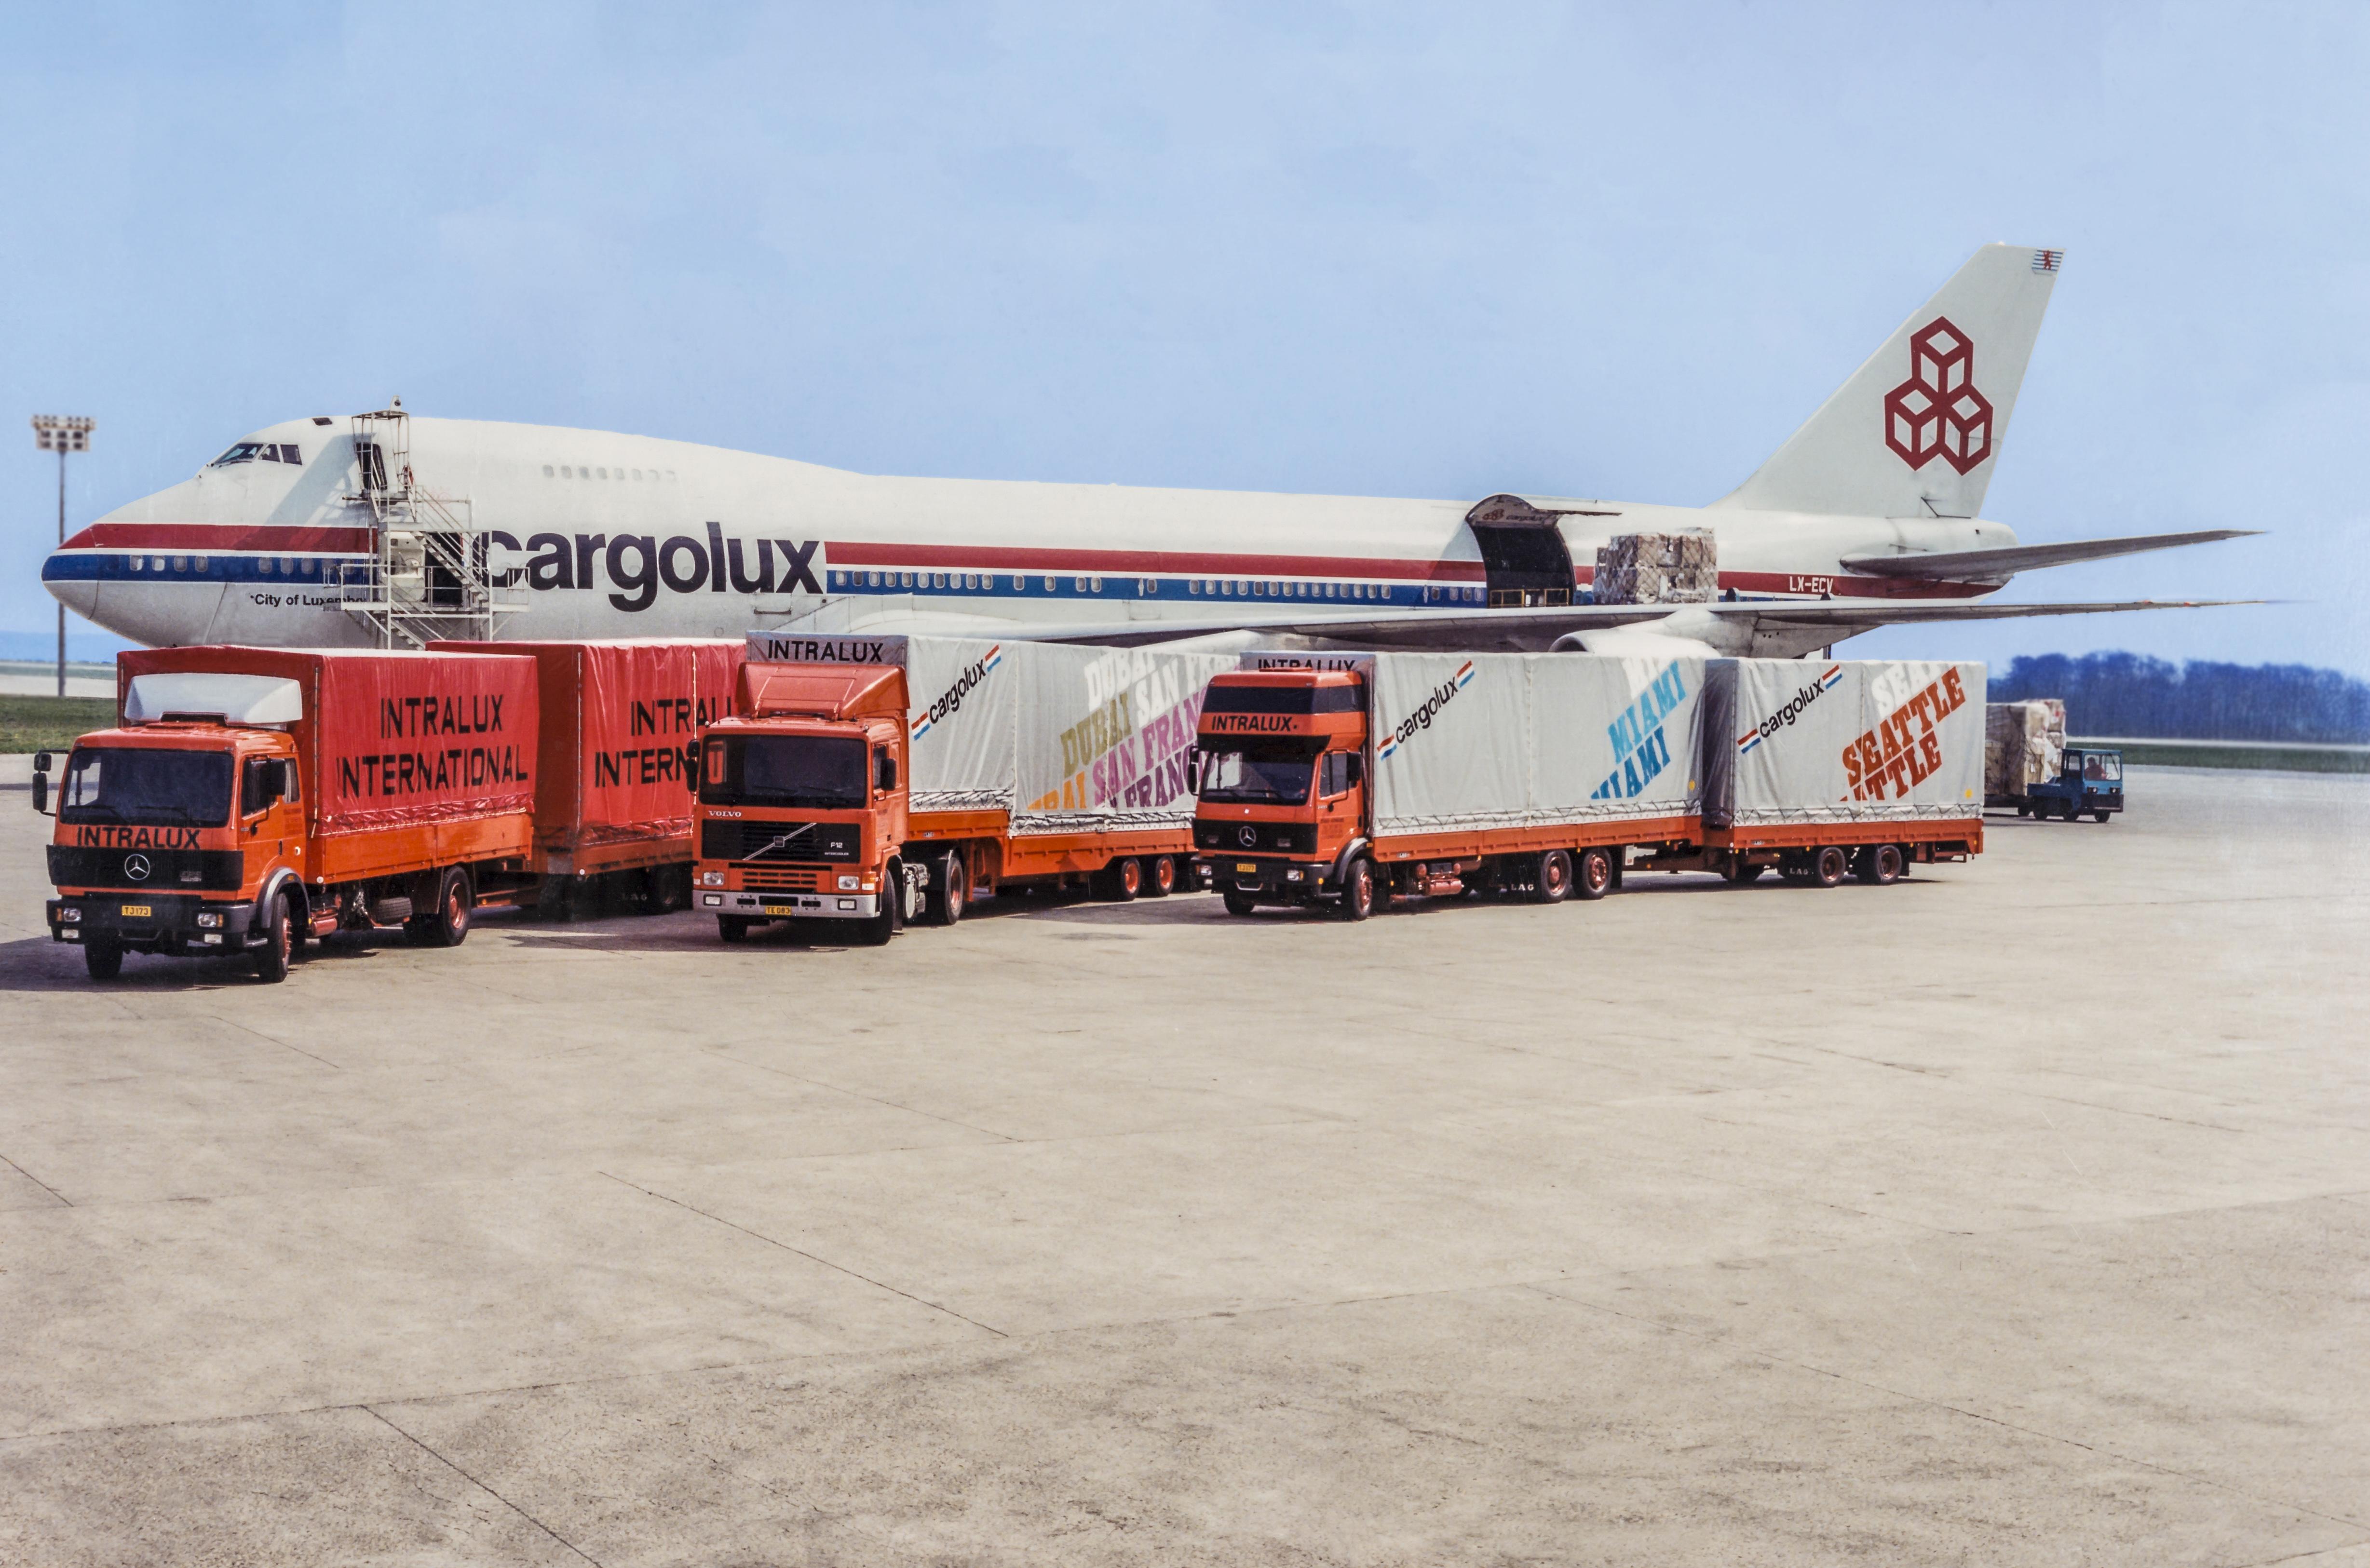 Transport de fret aérien pour le compte de Cargolux (1992).